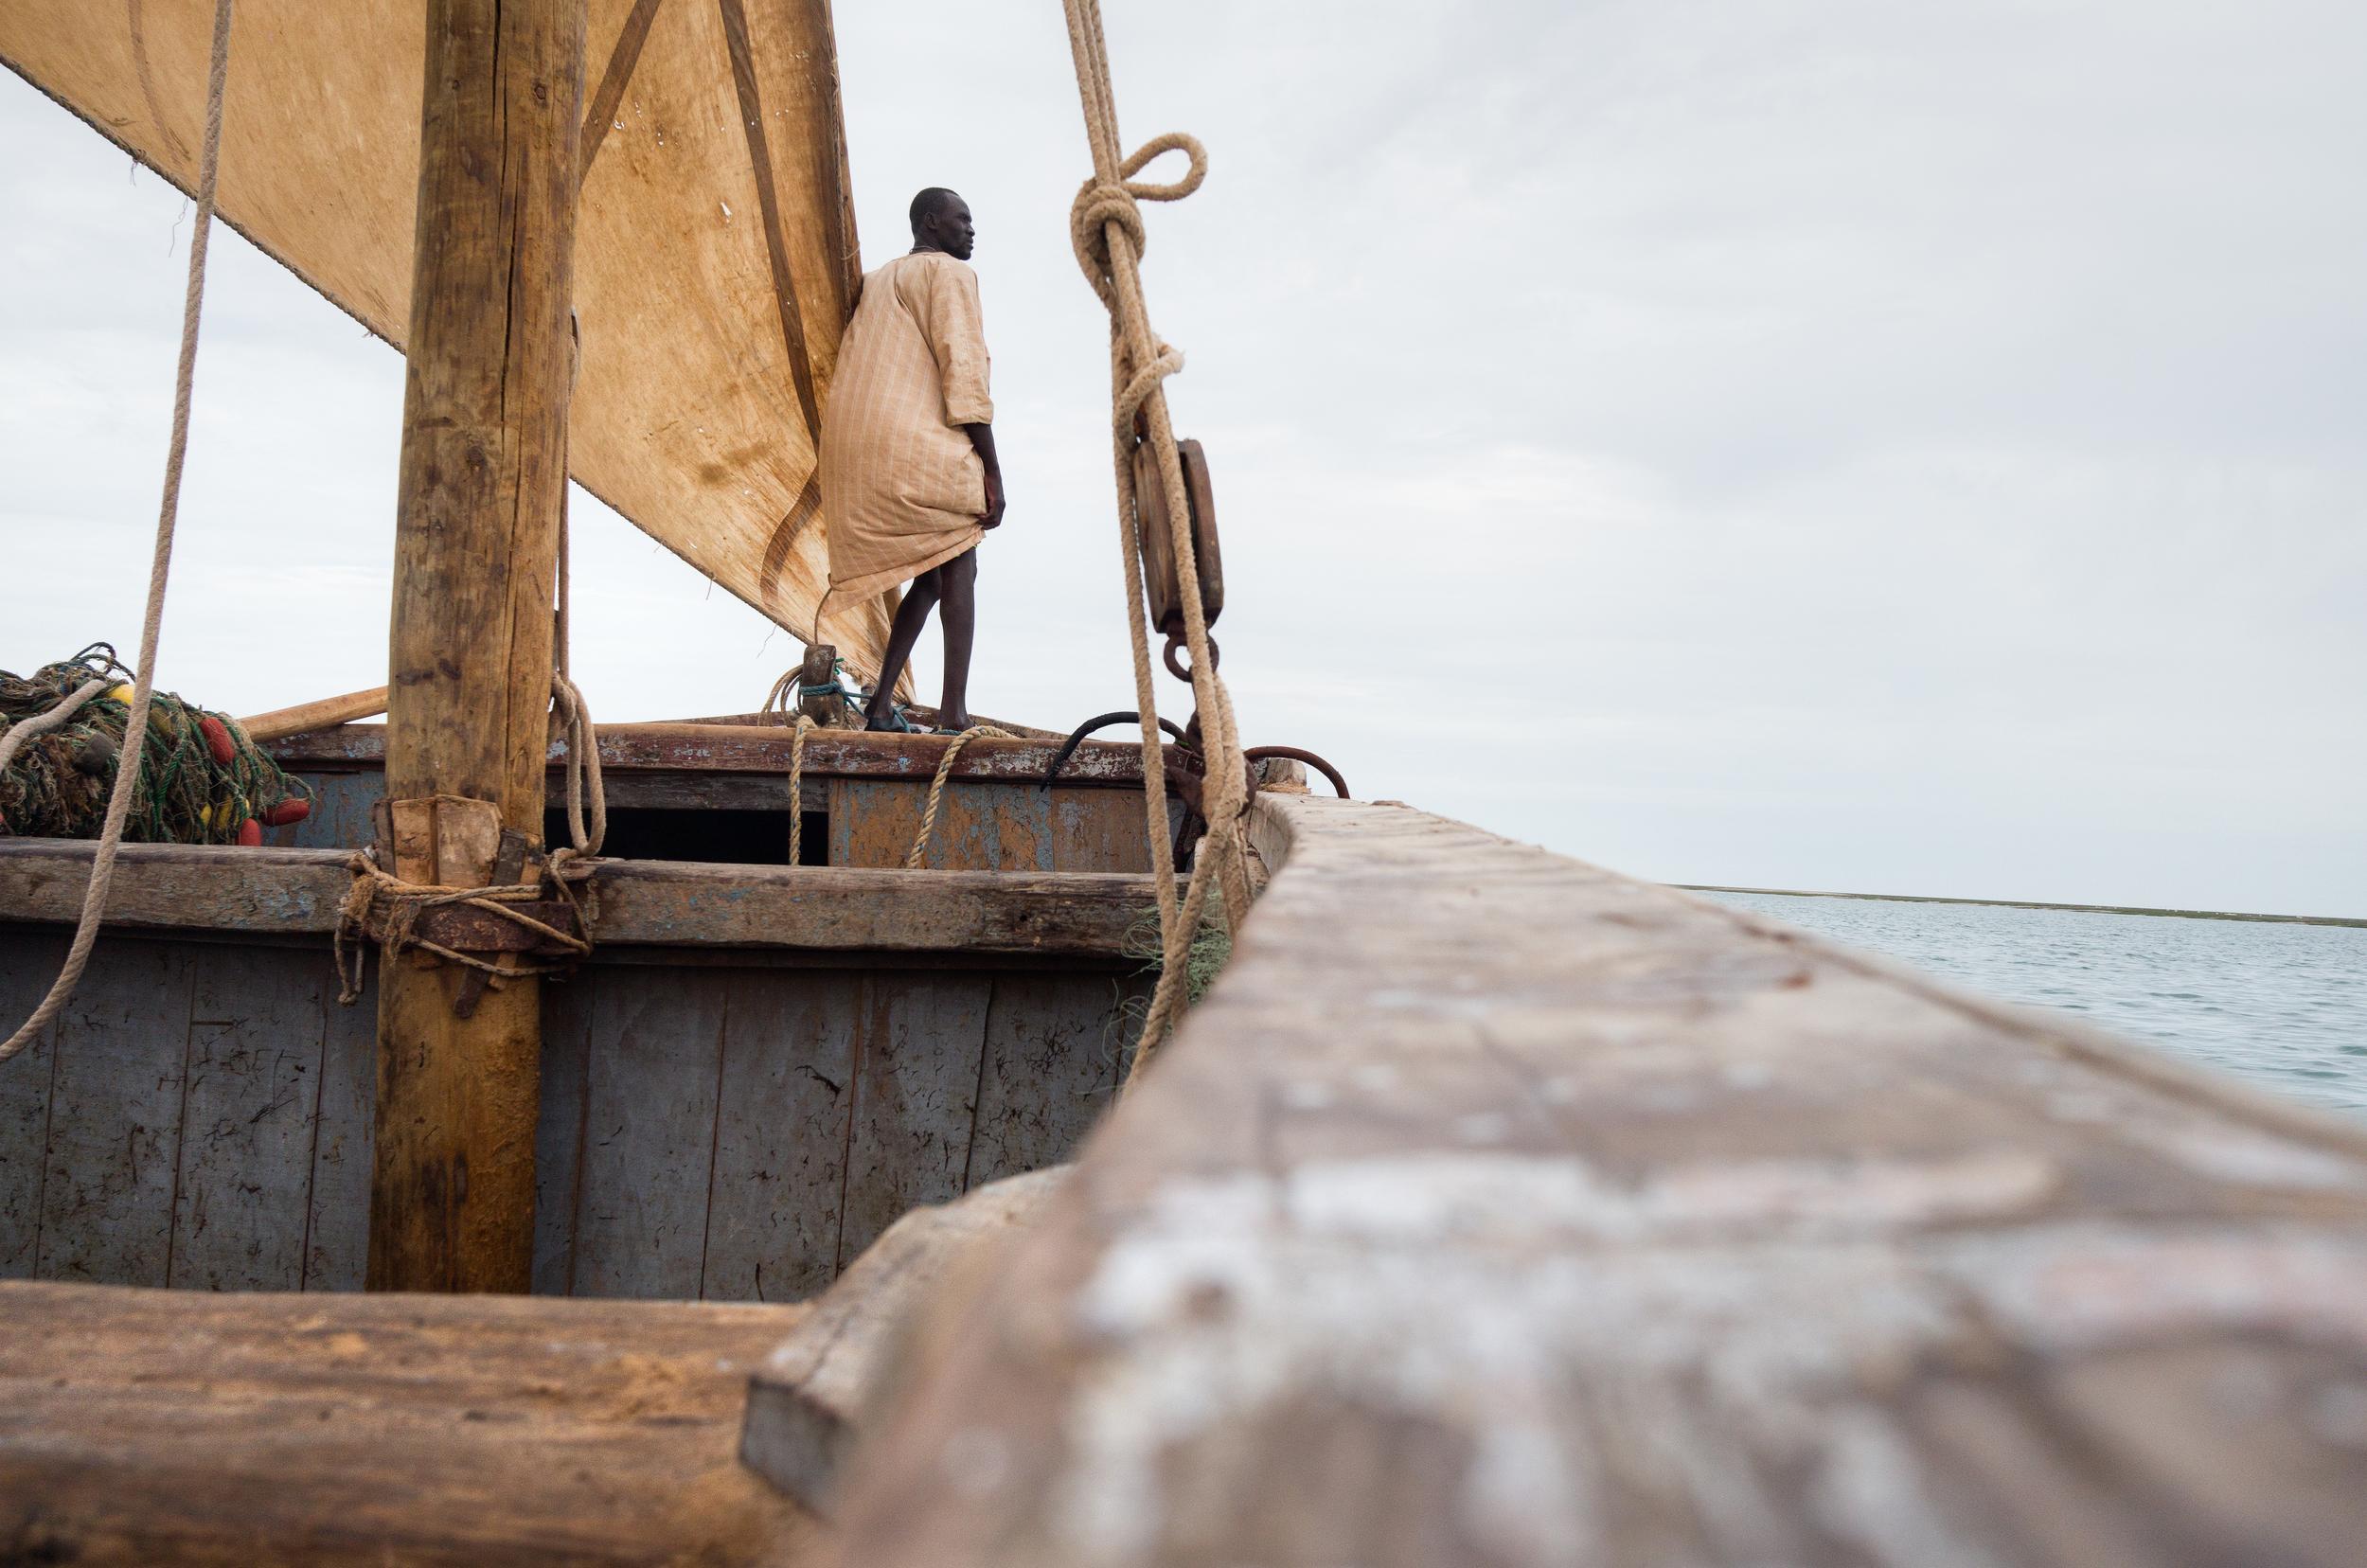 mauritania_jodymacdonaldphotography18.jpg